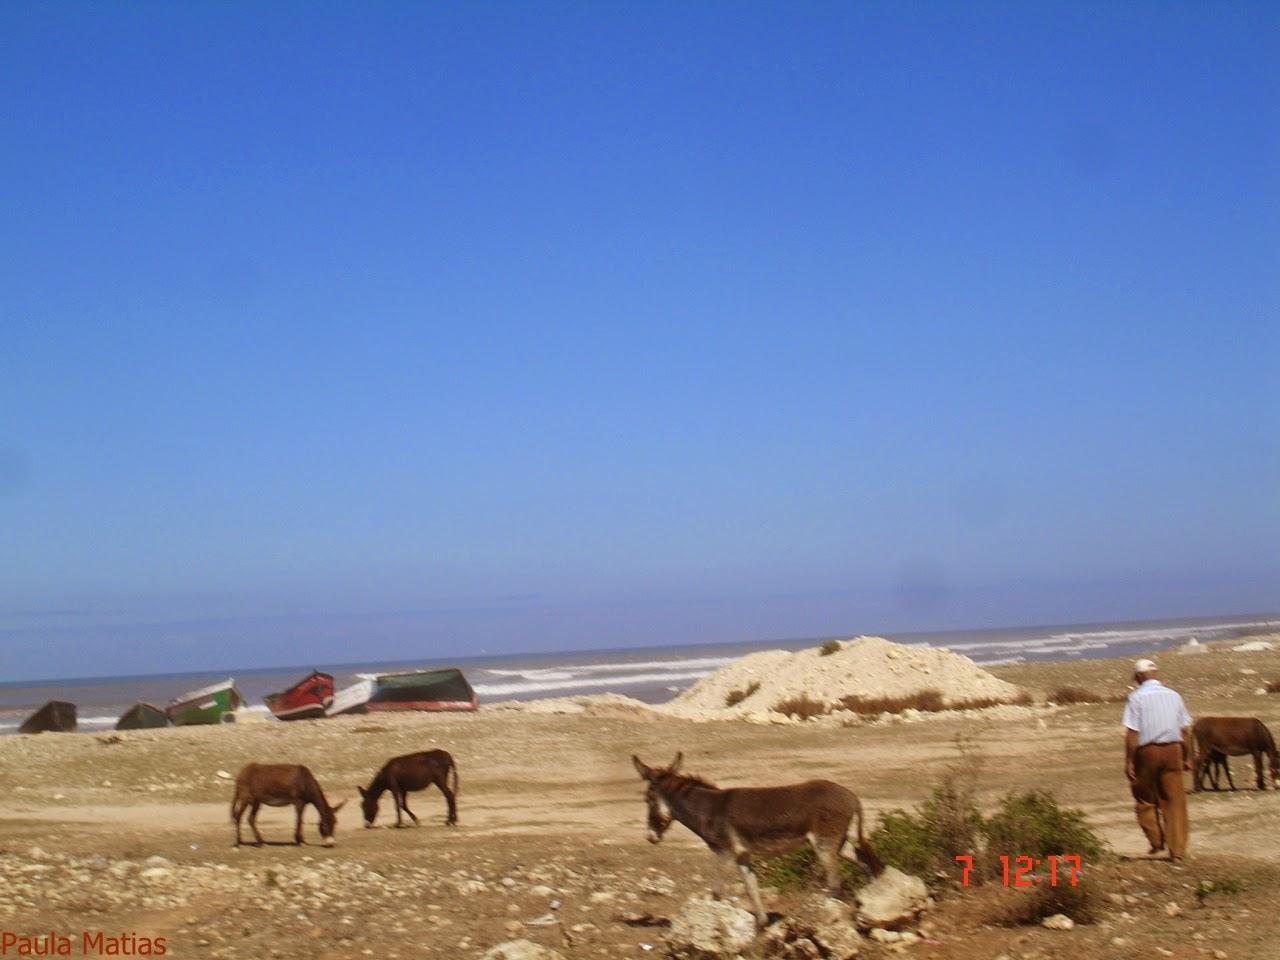 marrocos - Marrocos 2014 - O regresso  DSC03221_new